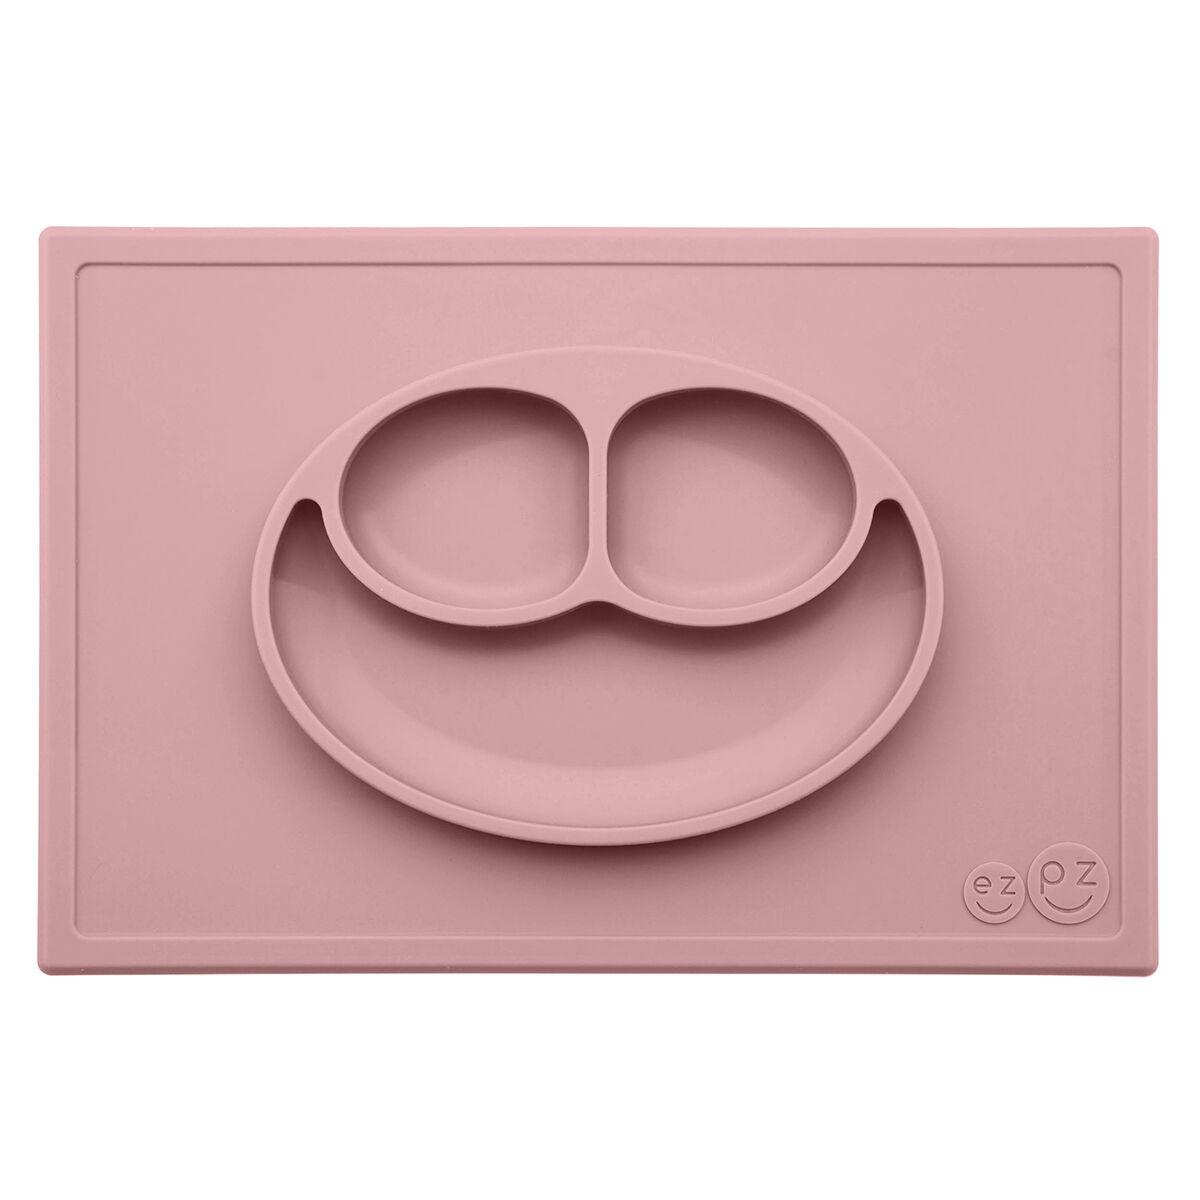 ezpz Set de Table et Assiette Tout-en-1 Irrenversable Happy Mat - Rose Poudré